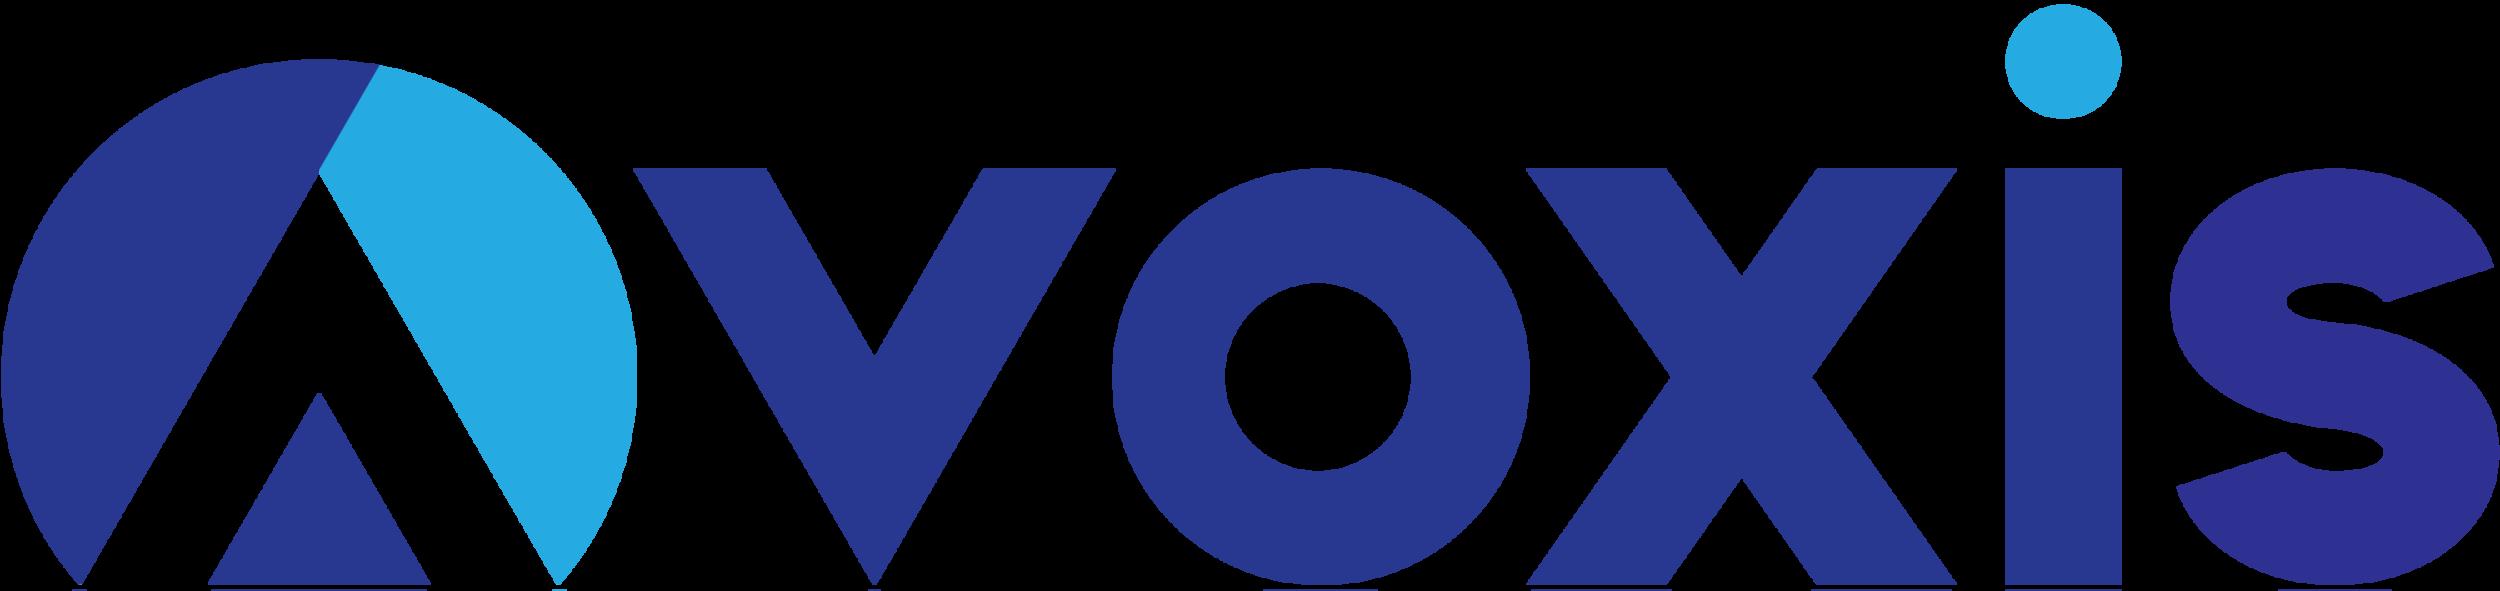 voxis-logo--large.png